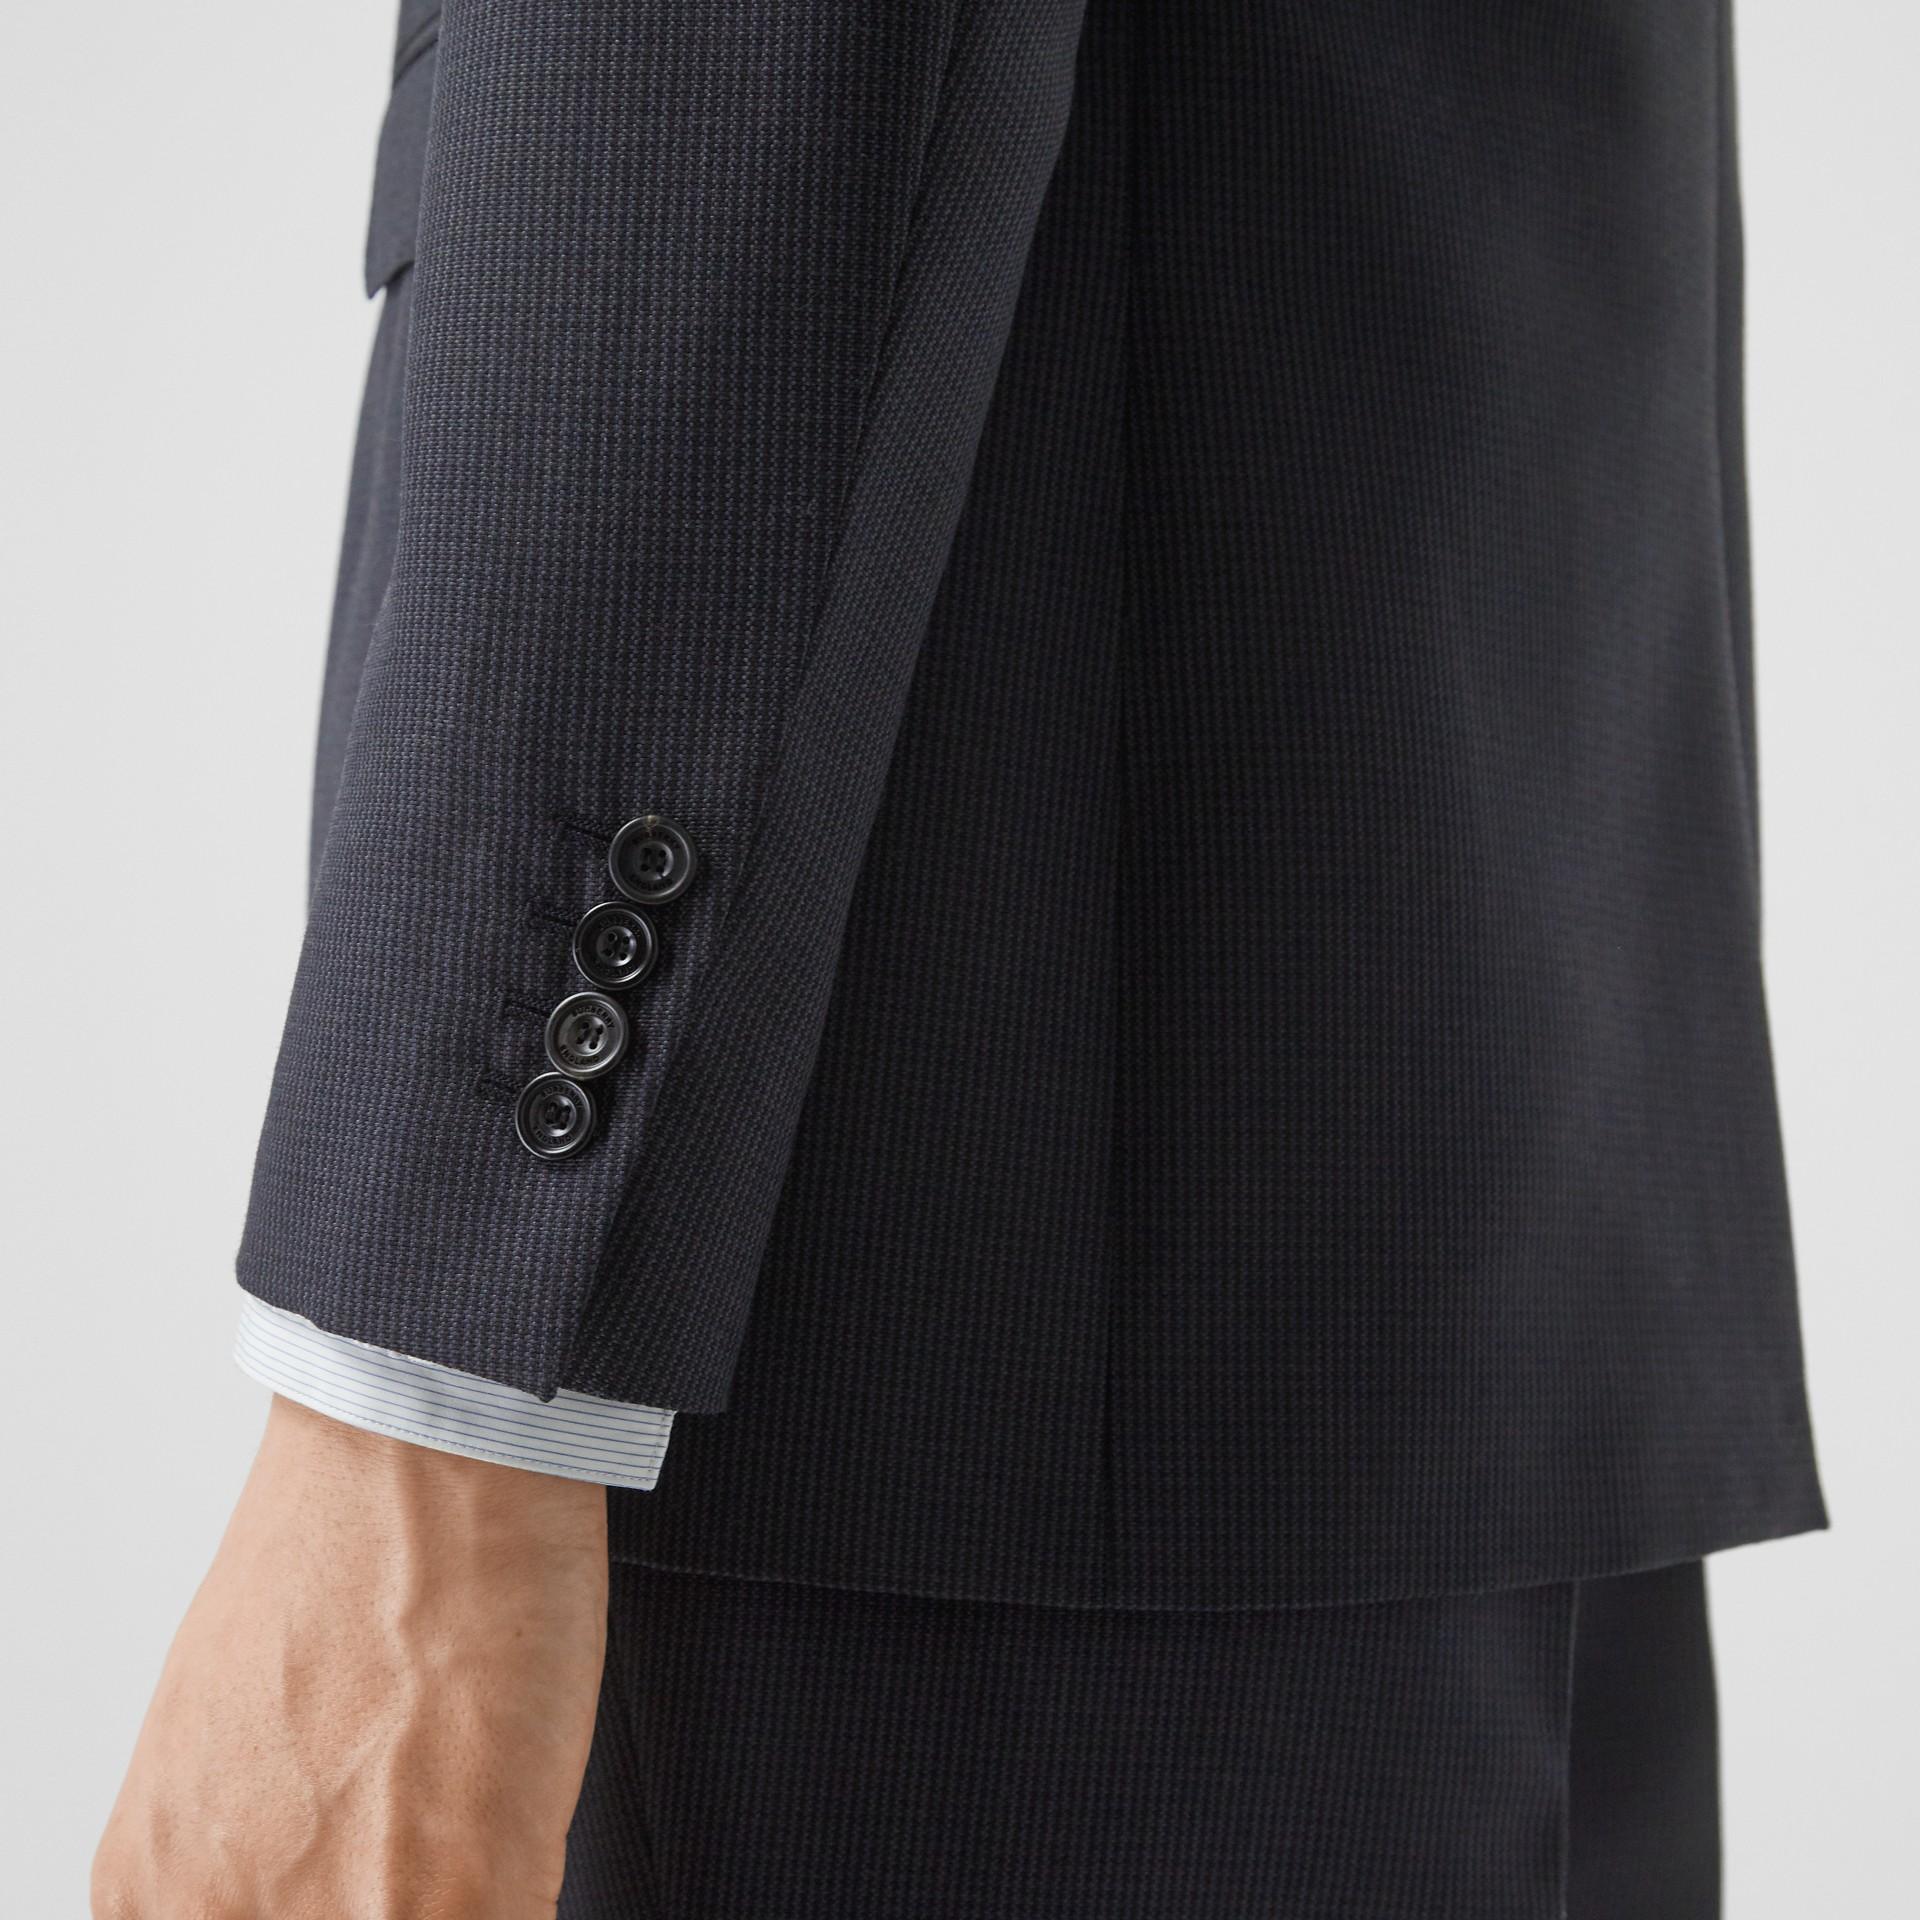 クラシックフィット パピートゥースチェック ウールモヘア スーツ (ネイビー) - メンズ | バーバリー - ギャラリーイメージ 4